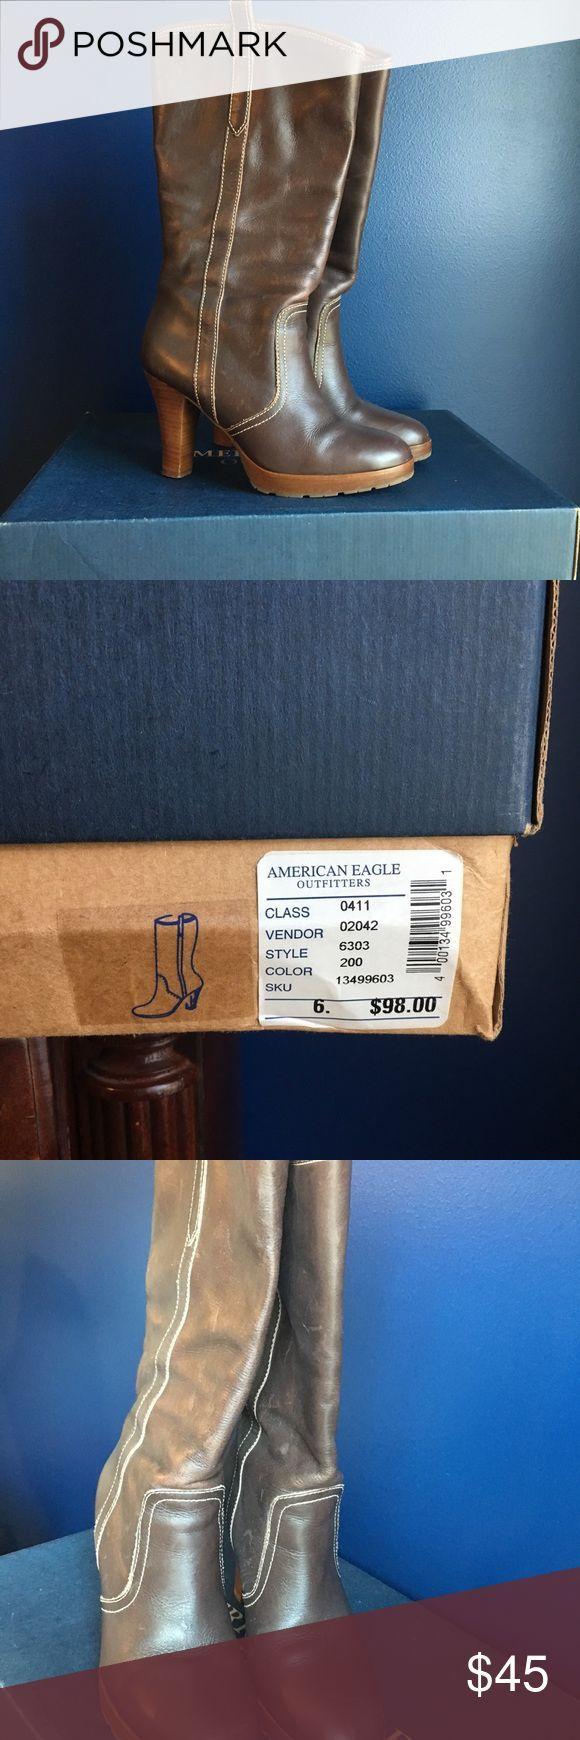 Amerikaanse laarzen met bruine hakken,  #Amerikaanse #Bruine #hakken #LAARZEN #met #outfitter…